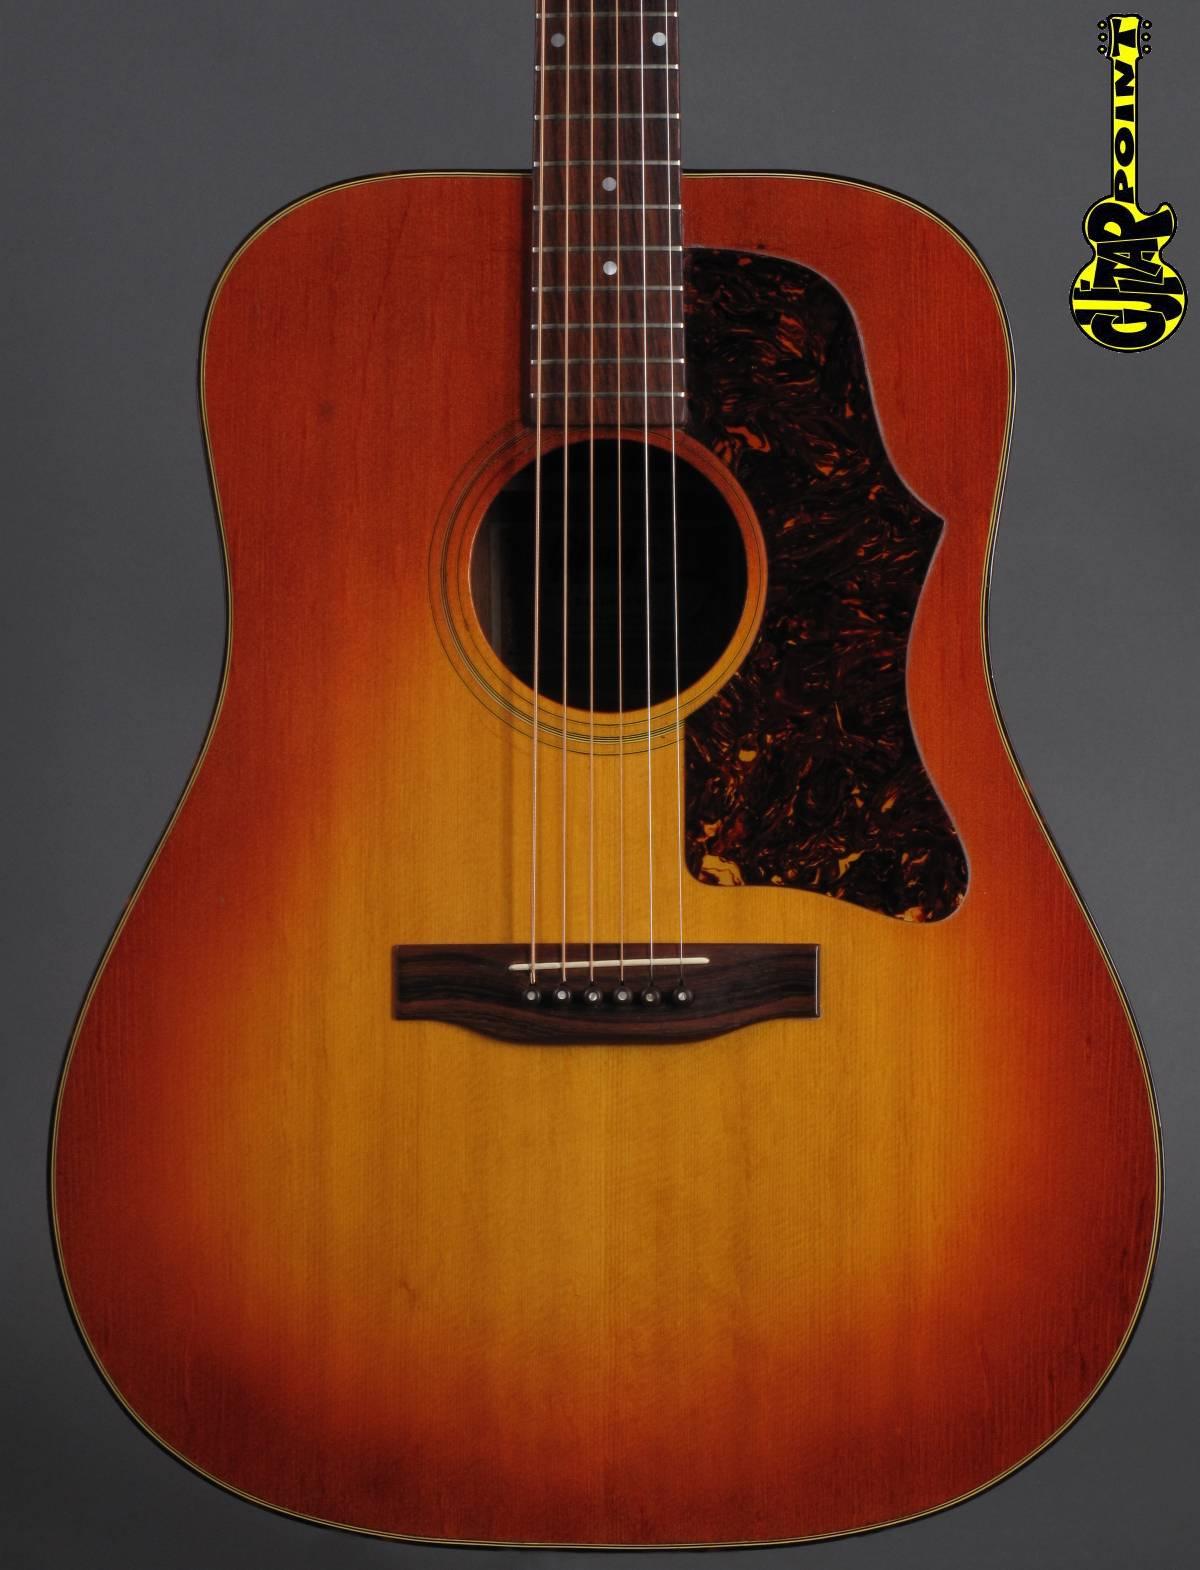 1973 Gibson J-45 Deluxe - Sunburst